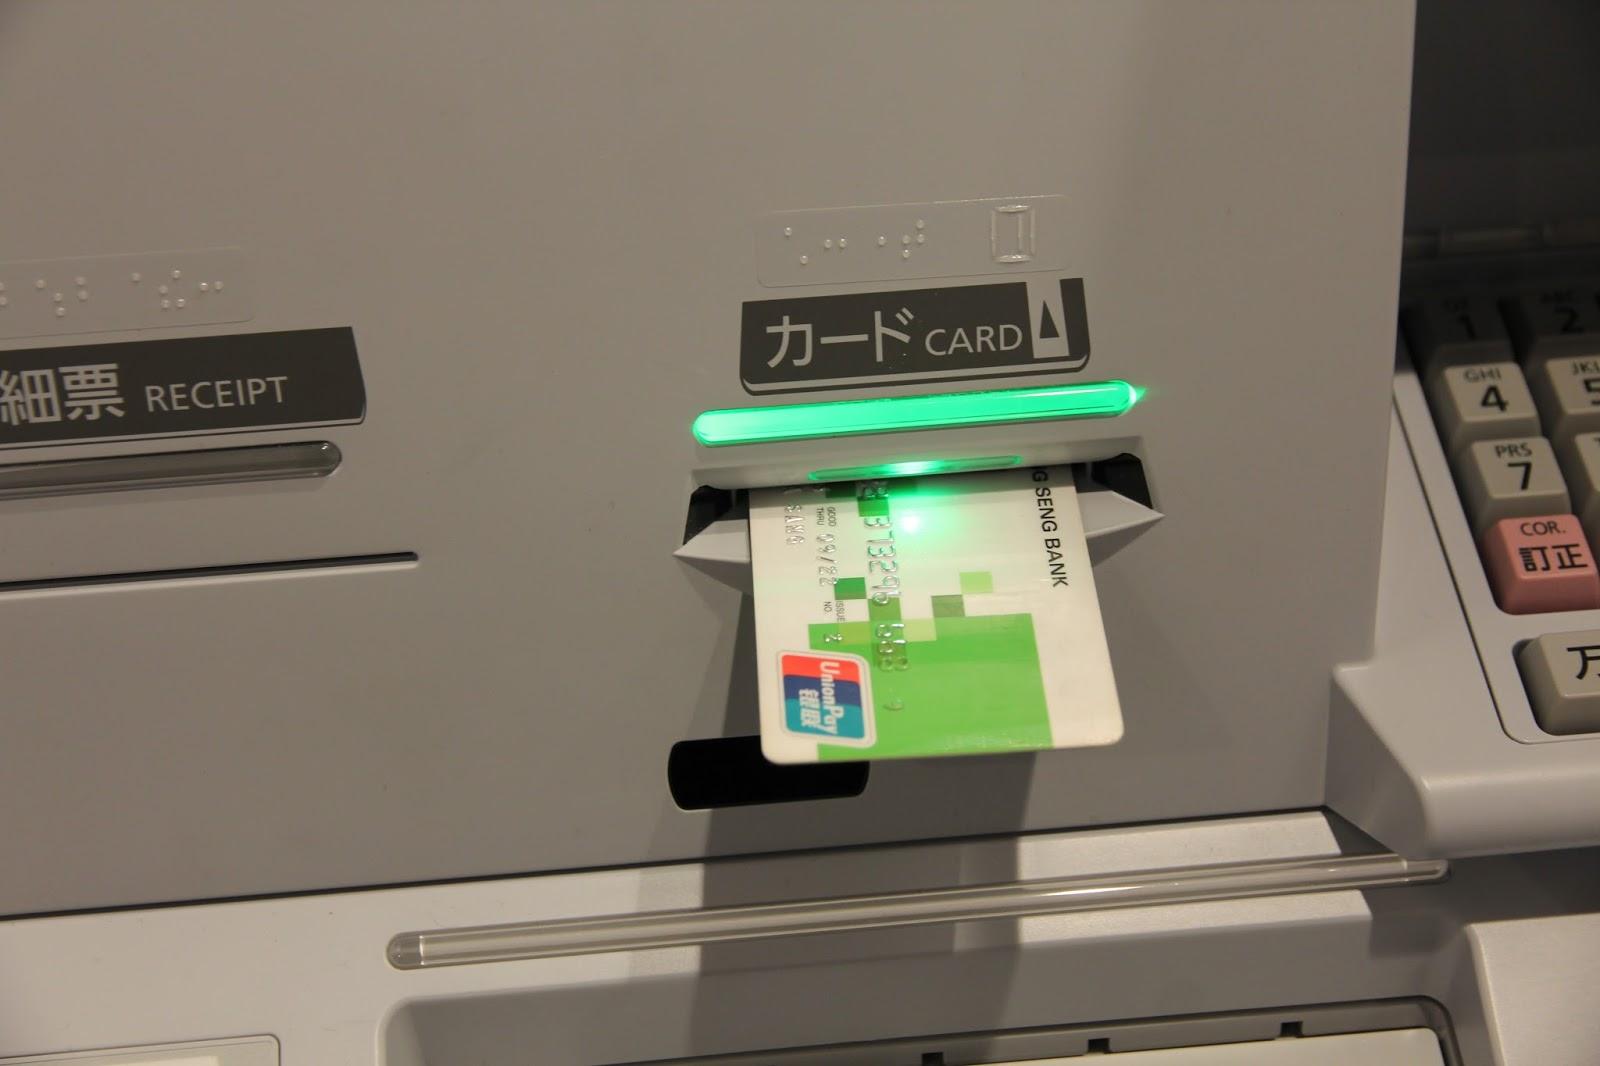 林公子生活遊記: [日本提款攻略] 日本 銀聯 ATM 櫃員機 提款 上限 拎錢 手續費 海外提款 信用卡 VISA 中銀 匯豐 ...